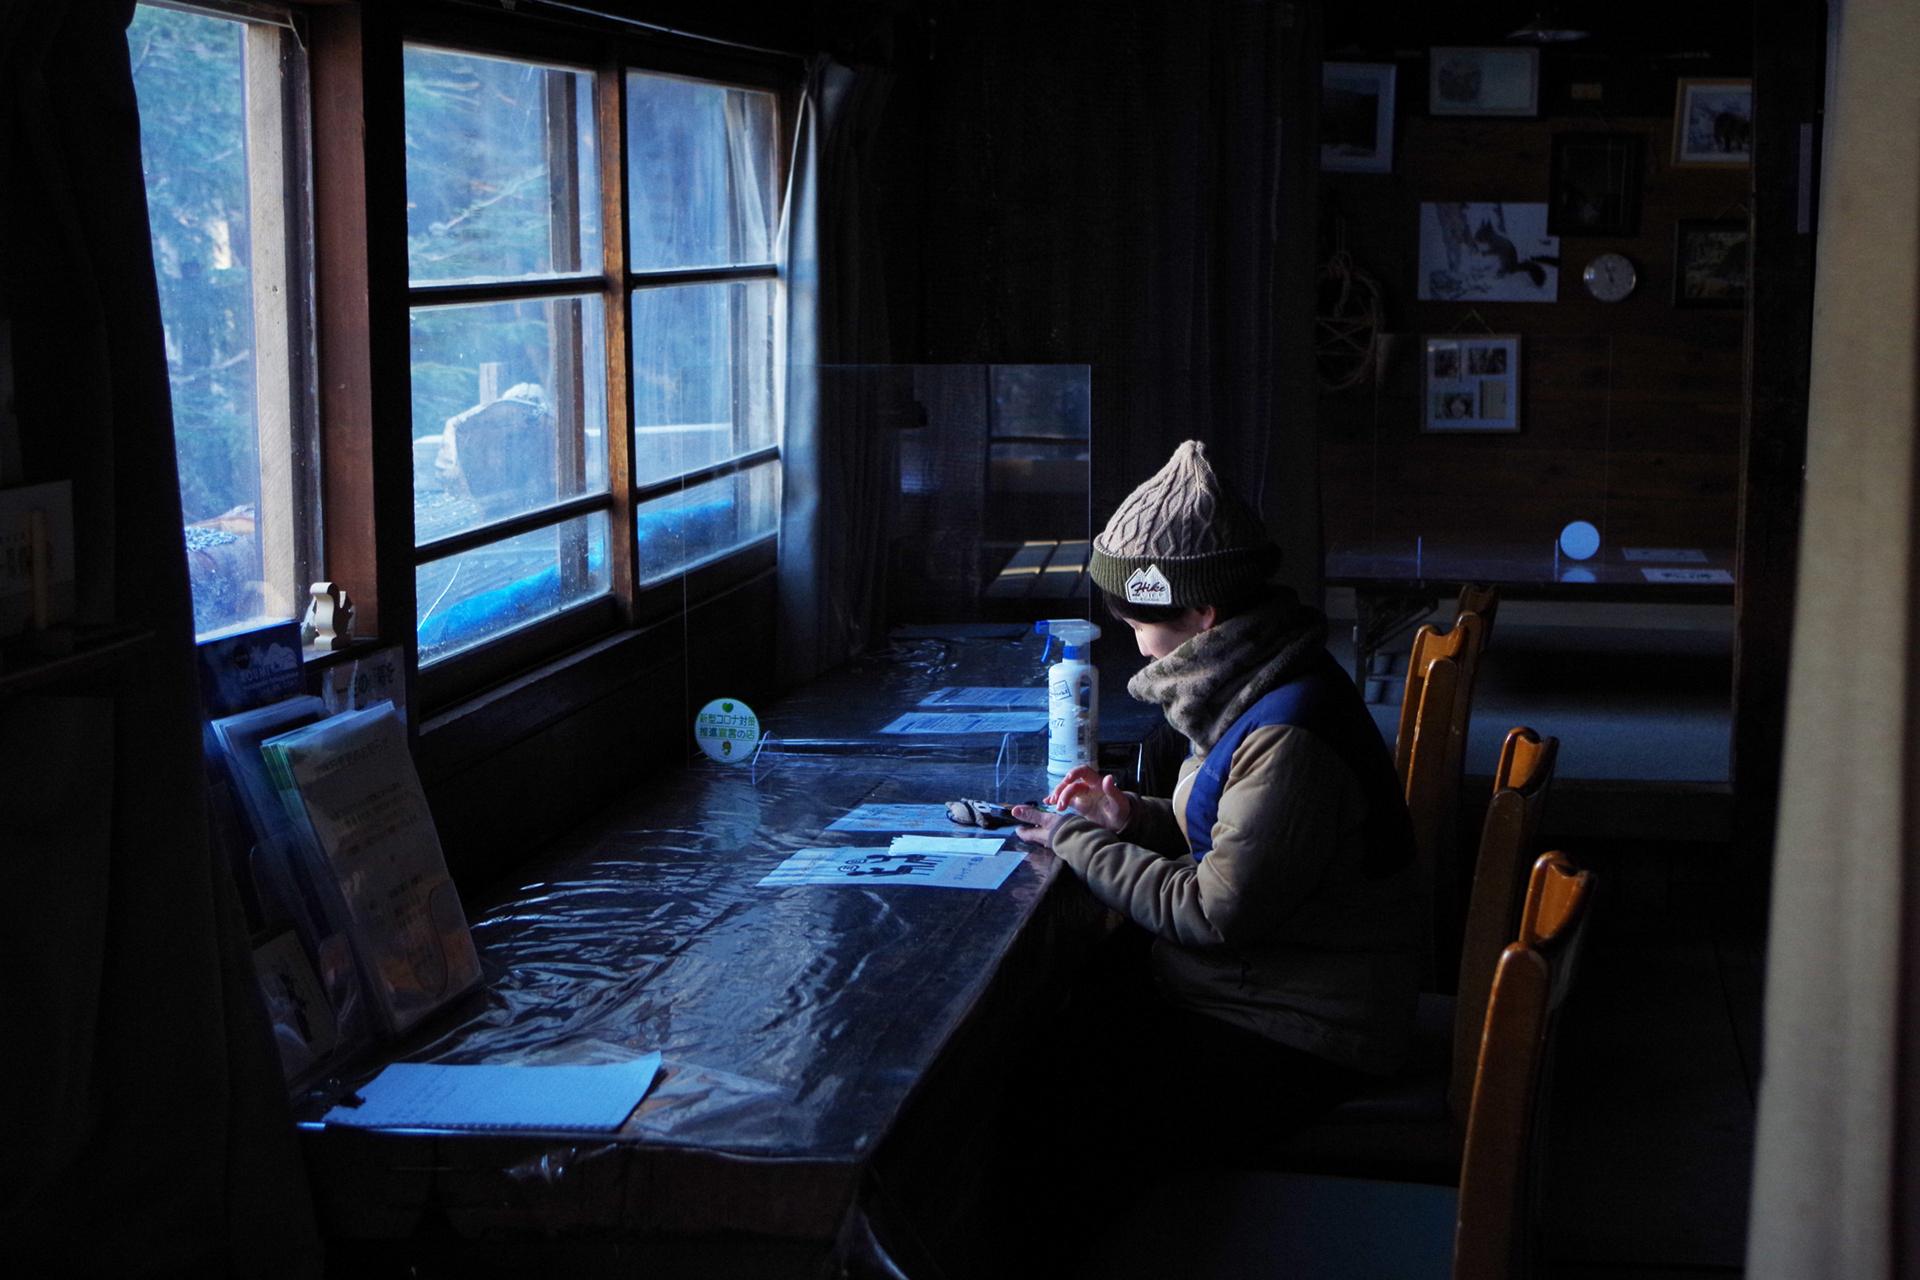 15 山を愛するマンガ家・鈴木ともこさんと行く!北八ヶ岳・しらびそ小屋〜コロナ禍で再発見した魅力とは〜